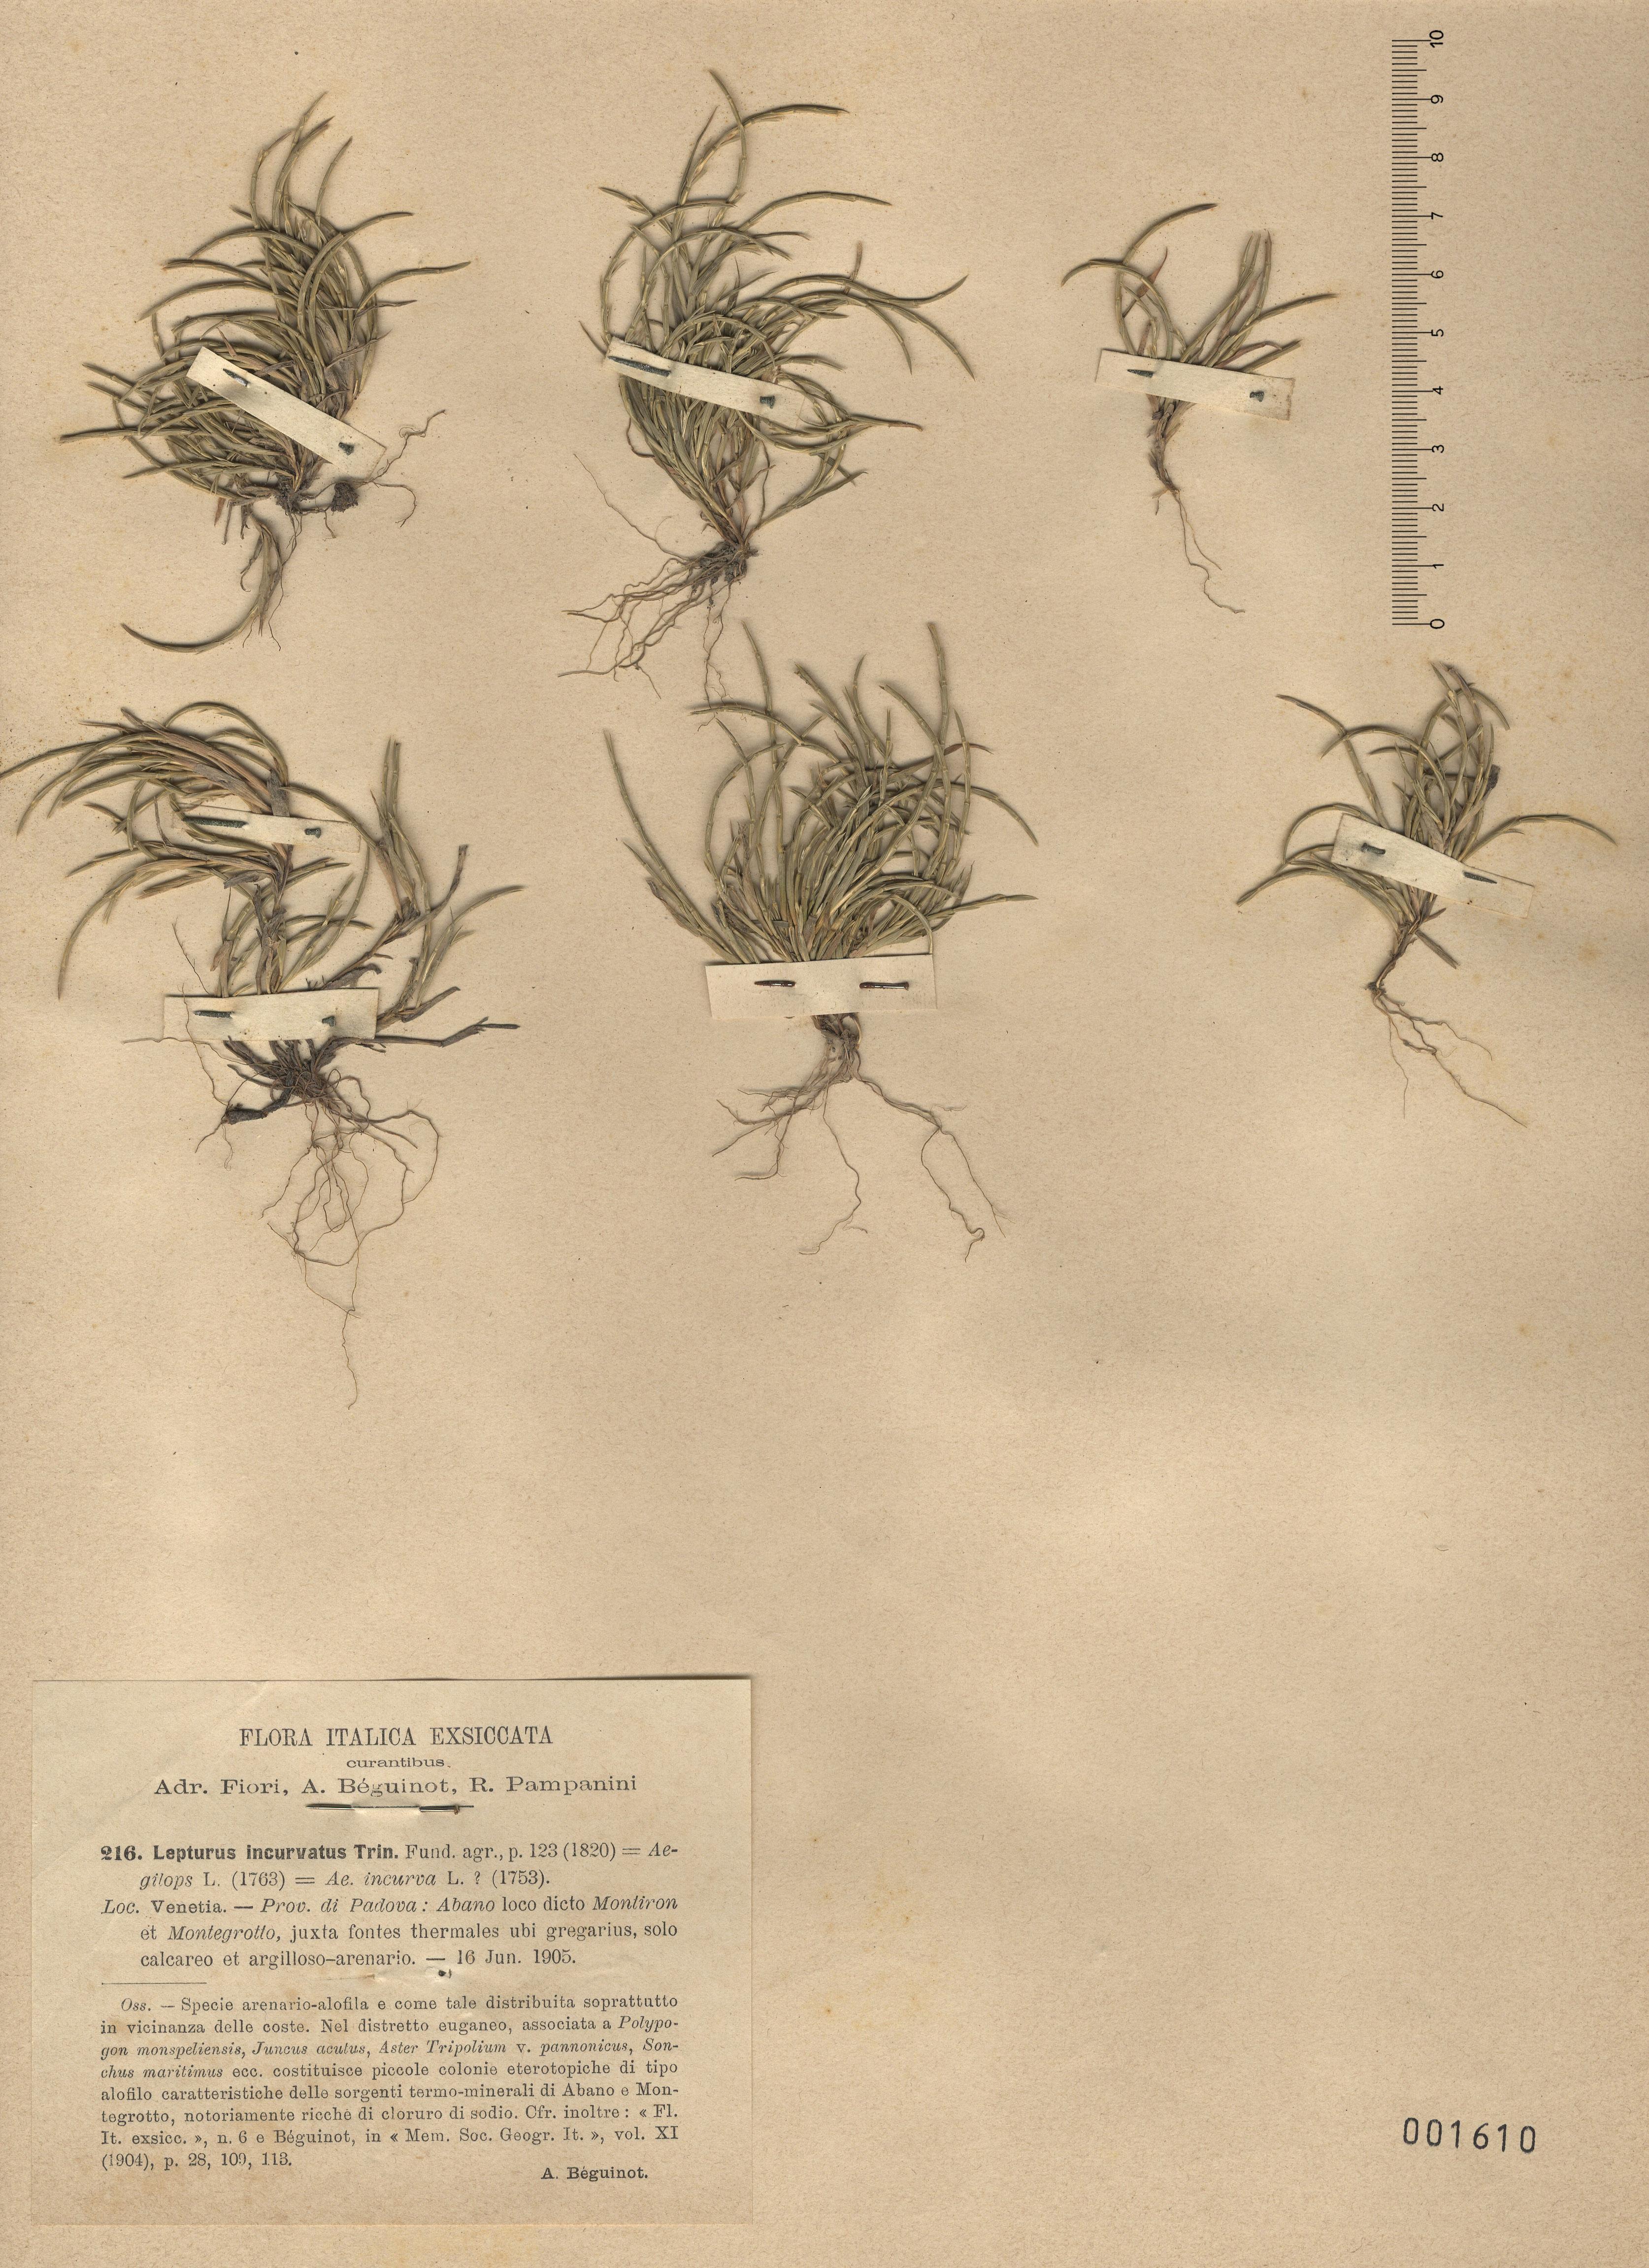 © Hortus Botanicus Catinensis - Herb. sheet 001610<br>